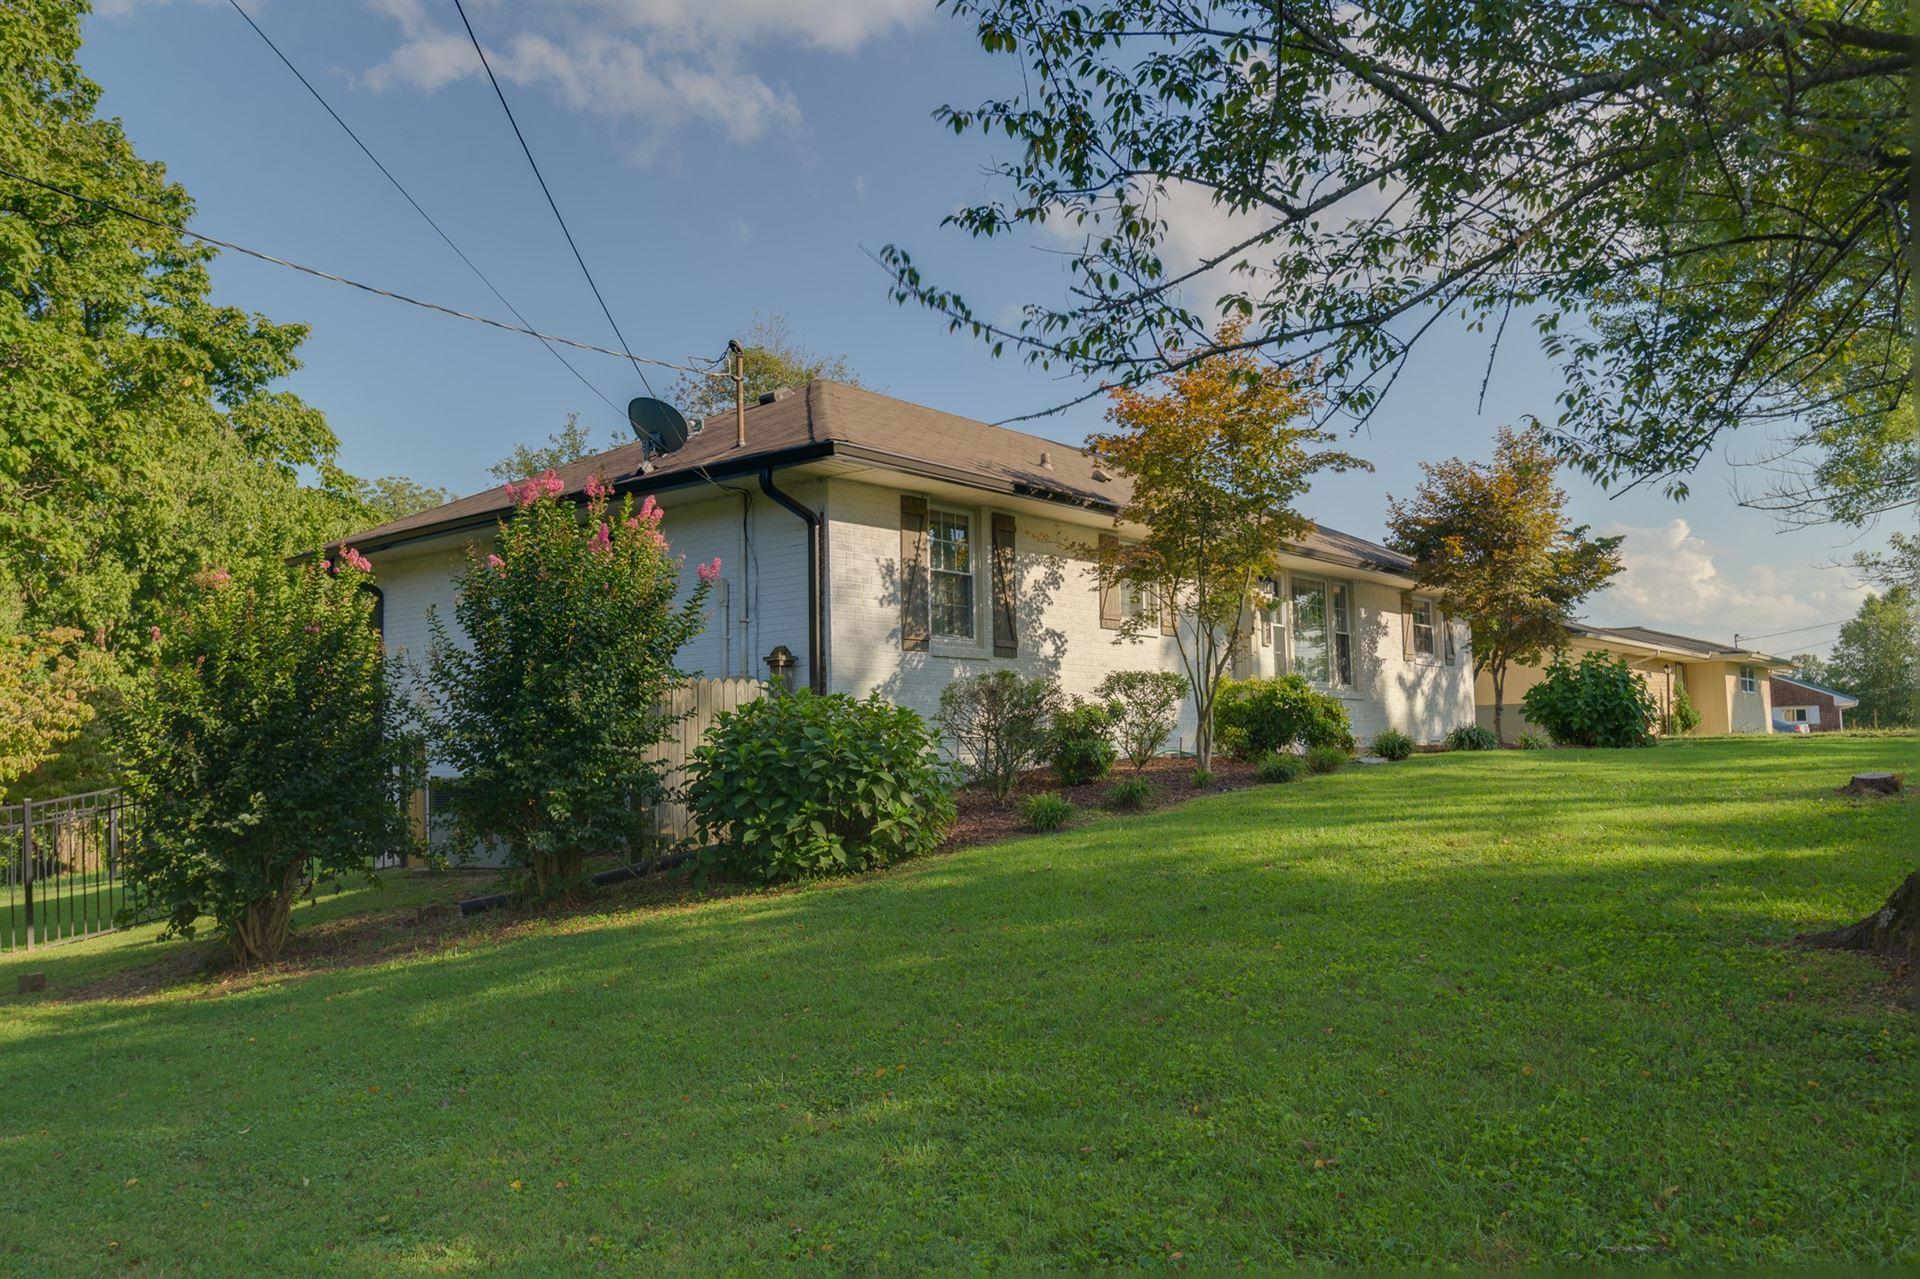 803 Cowan Ave, Shelbyville, TN 37160 - MLS#: 2277515